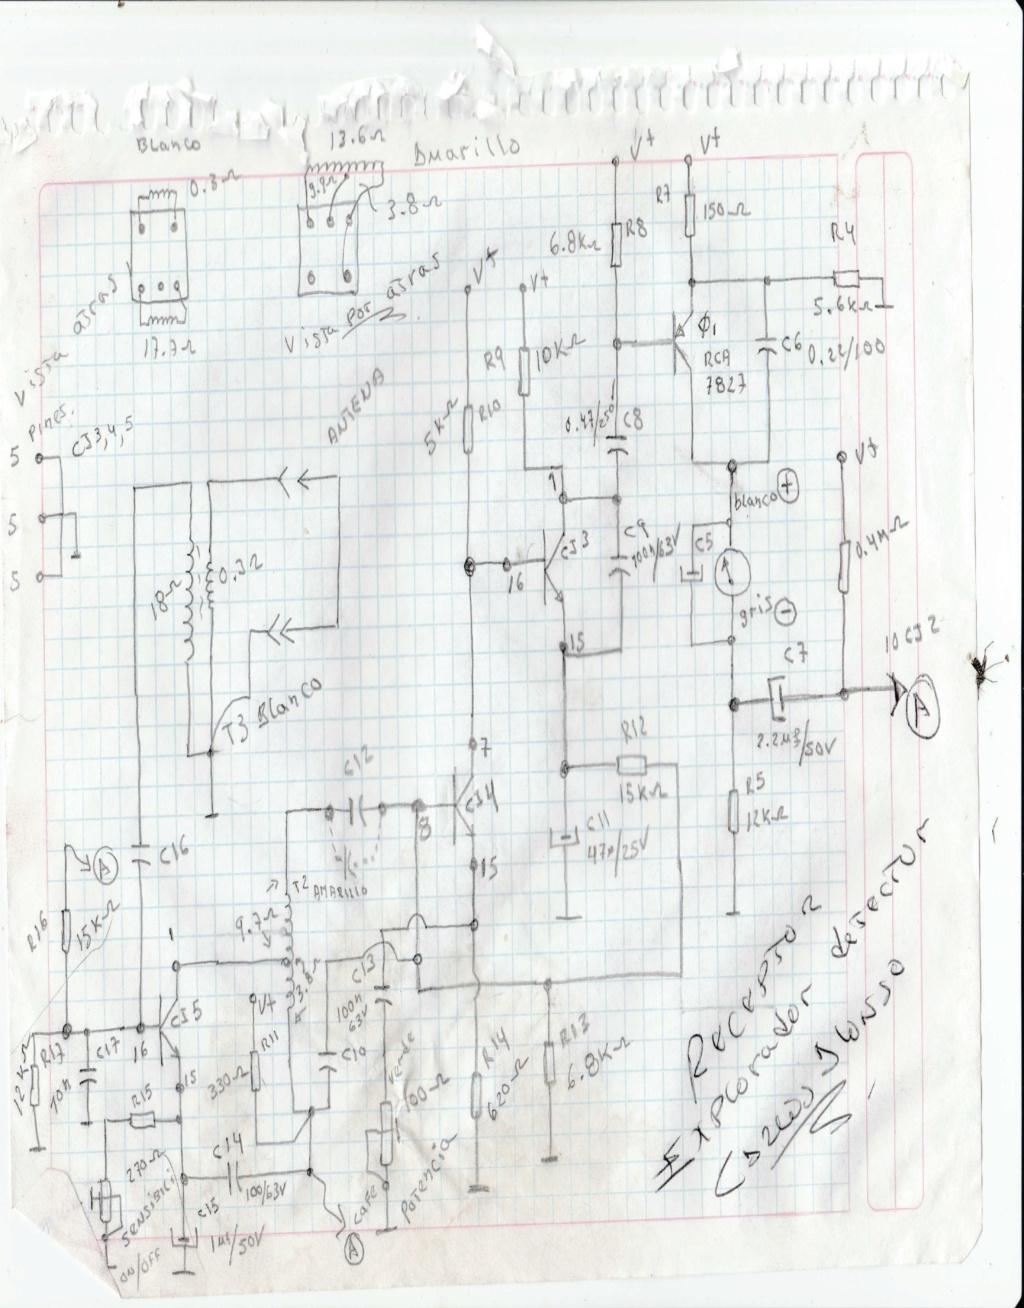 les COMPARTO DIAGRAMA DEL DETECTOR EXPLORADOR Detect12